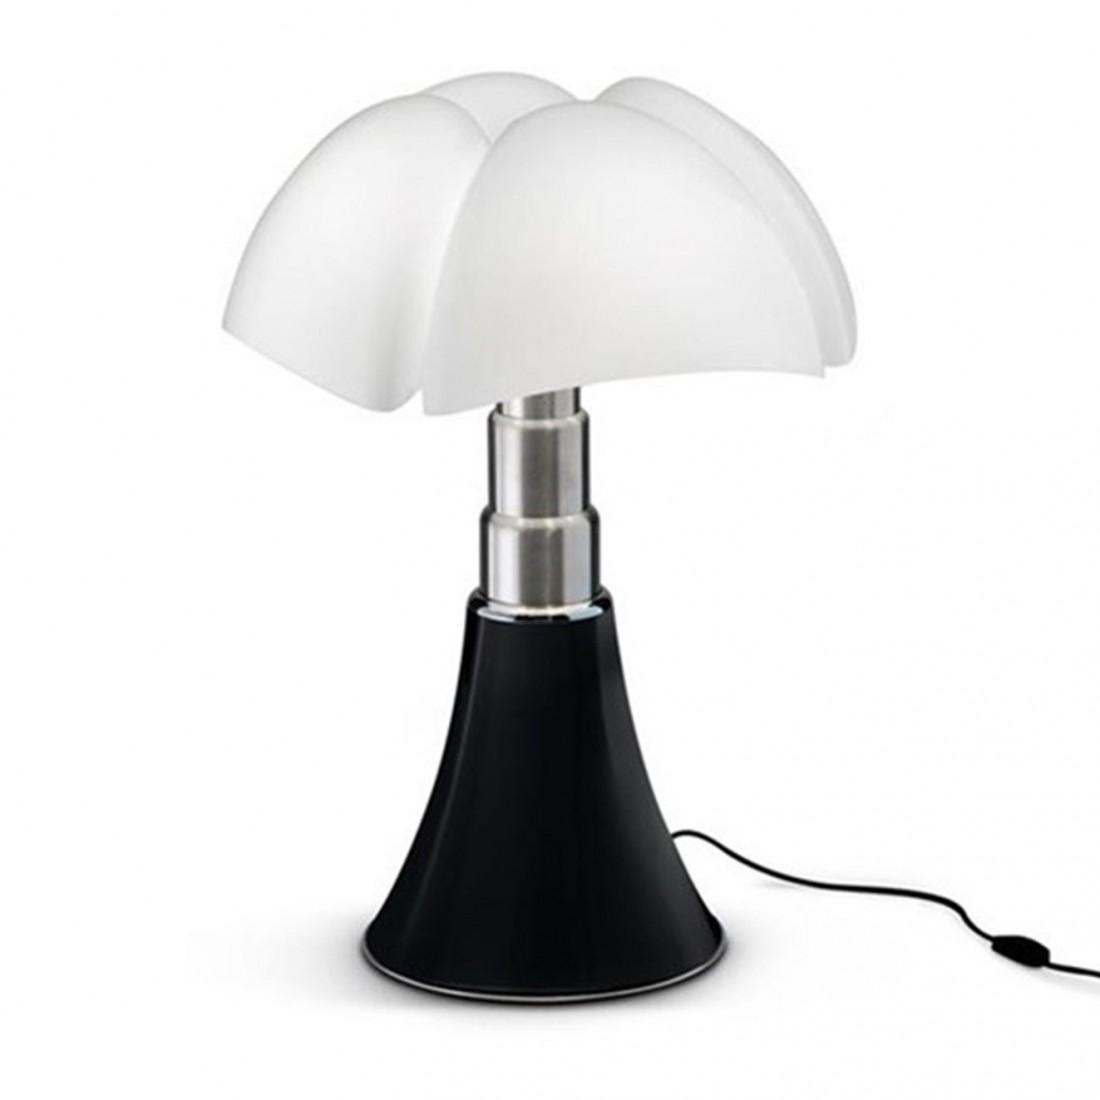 Lampe Pipistrello Noir - MARTINELLI LUCE